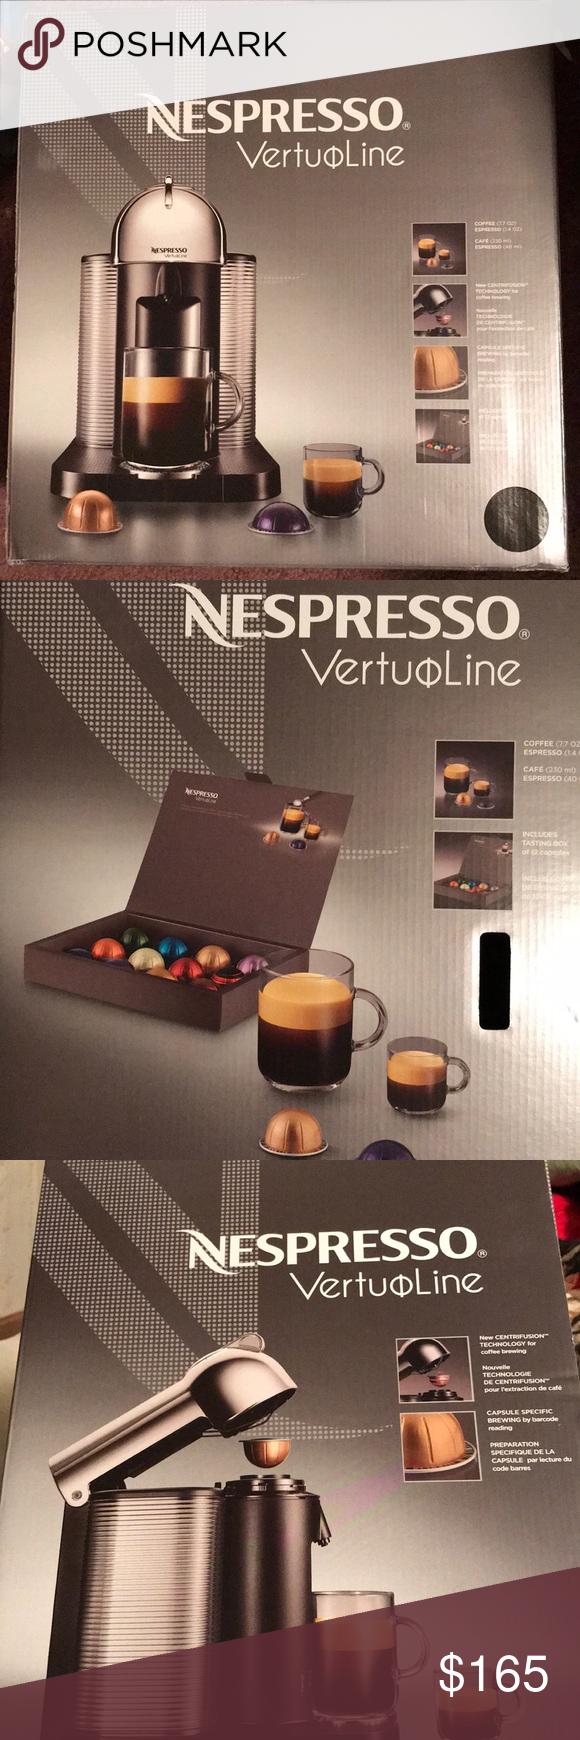 Nespresso VertuoLine coffee maker, nib. Nespresso